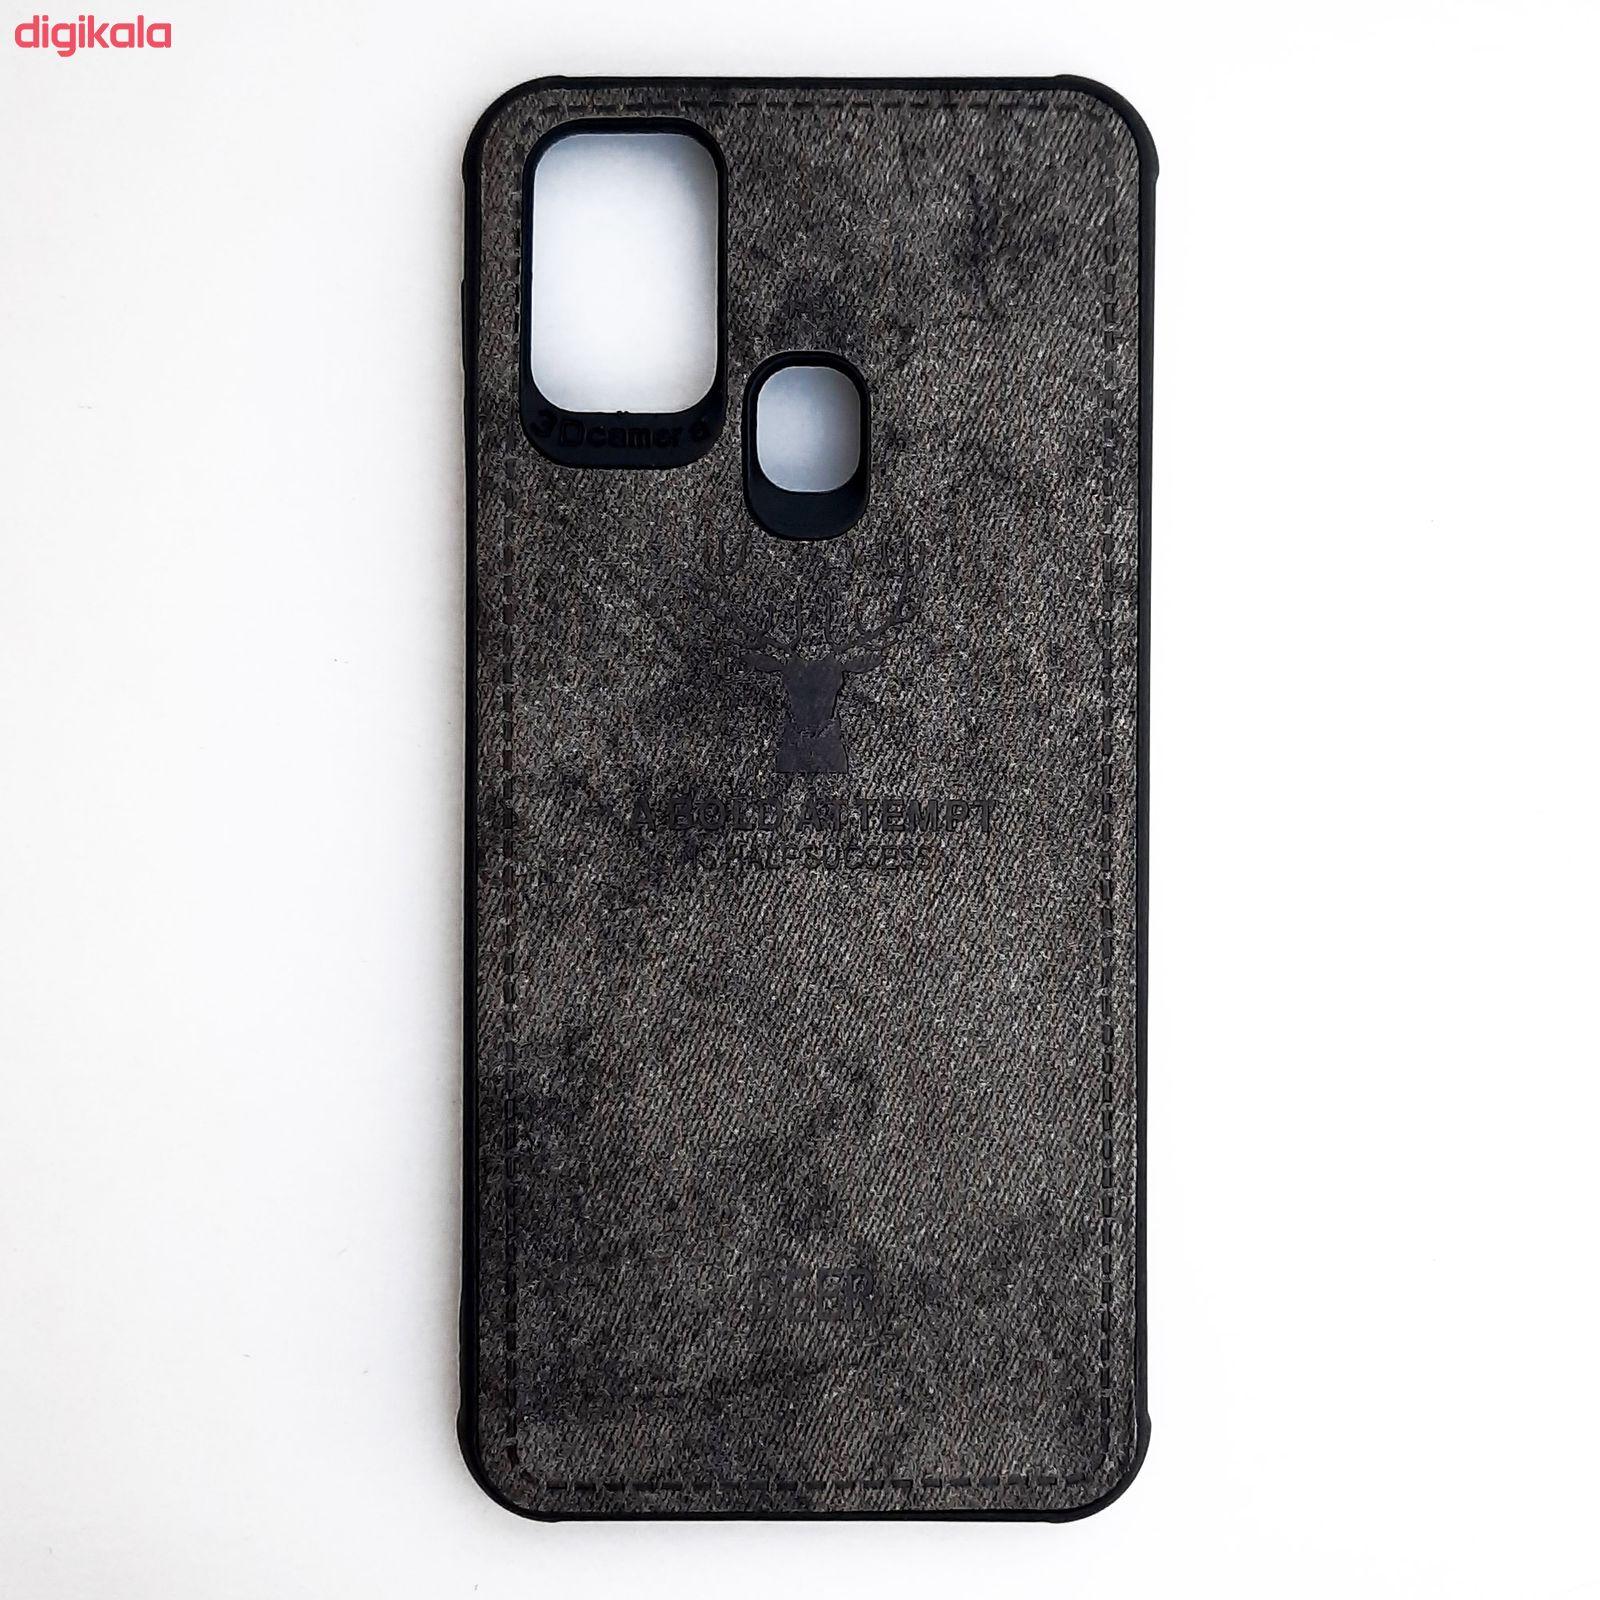 کاور مدل CO509 طرح گوزن مناسب برای گوشی موبایل سامسونگ Galaxy M31 main 1 7